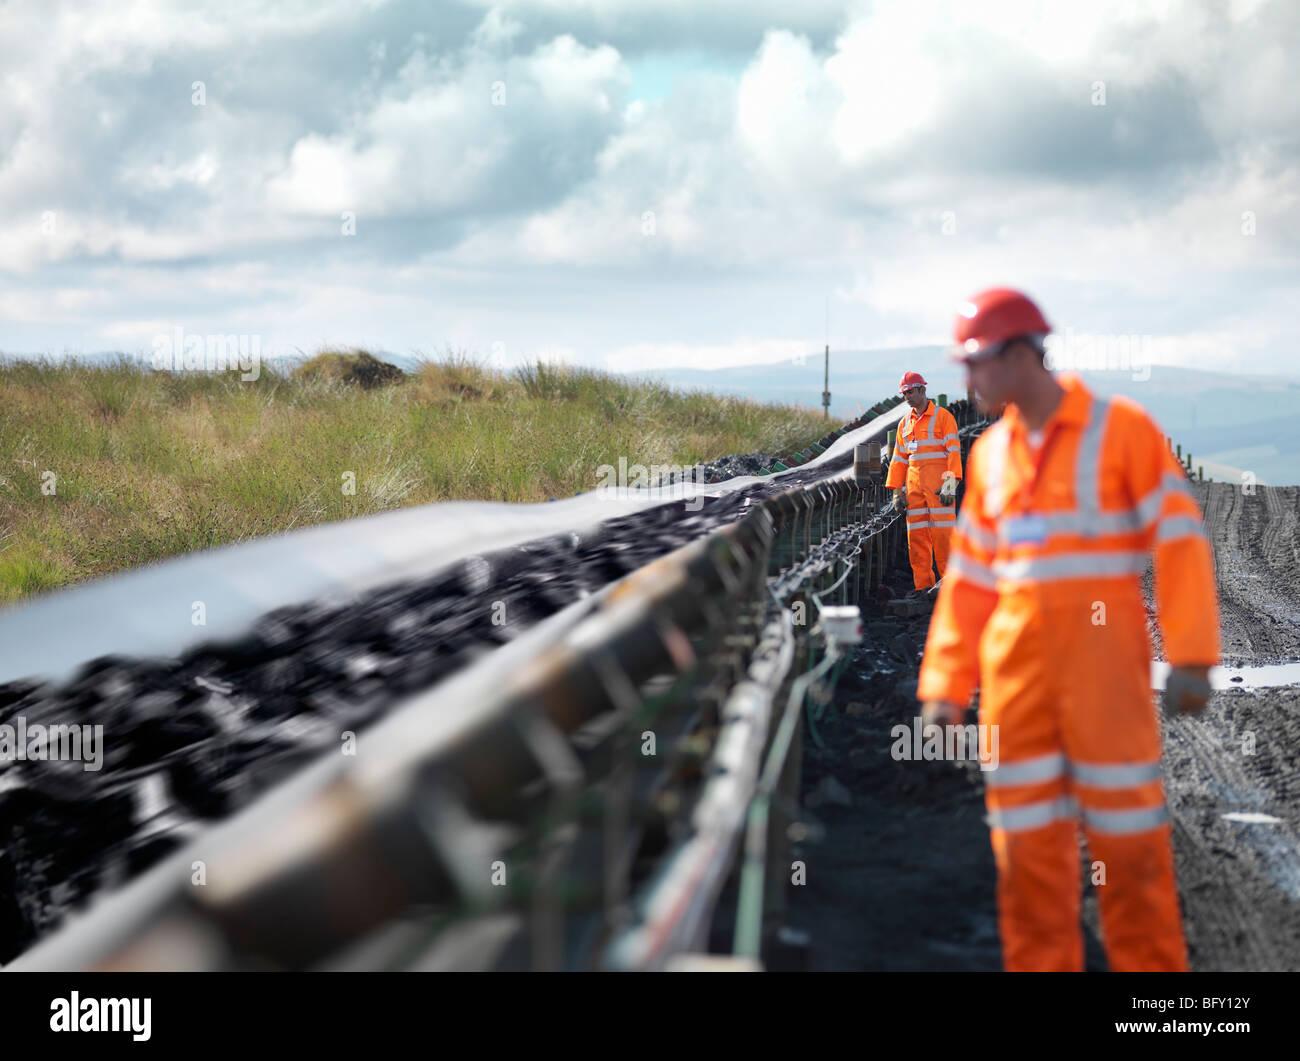 Coal Workers Inspecting Conveyor Belt - Stock Image